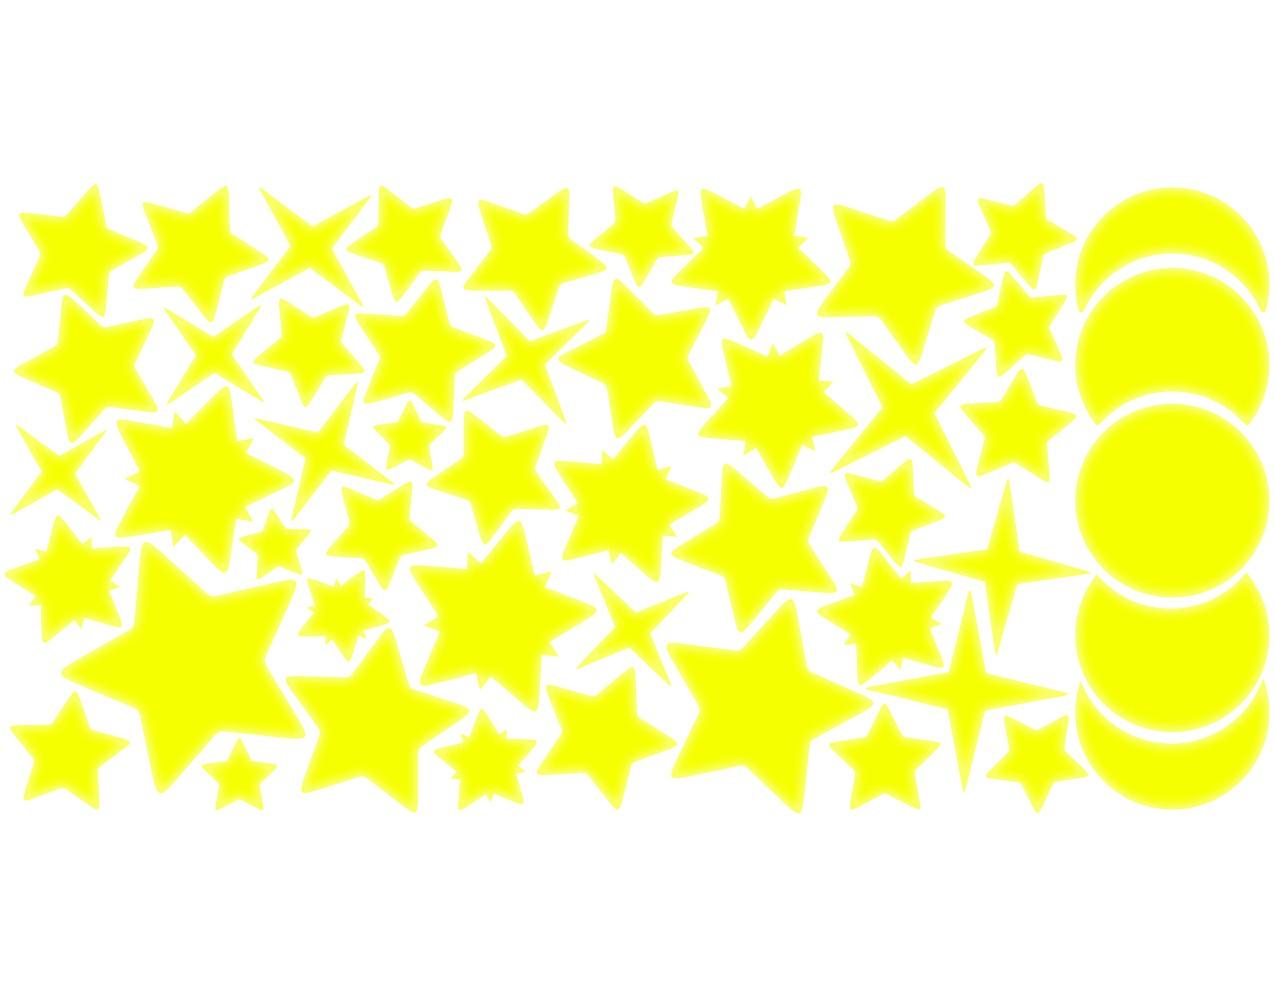 Wandtattoo kinderzimmer sternenhimmel 100er set for Sternenhimmel kinderzimmer